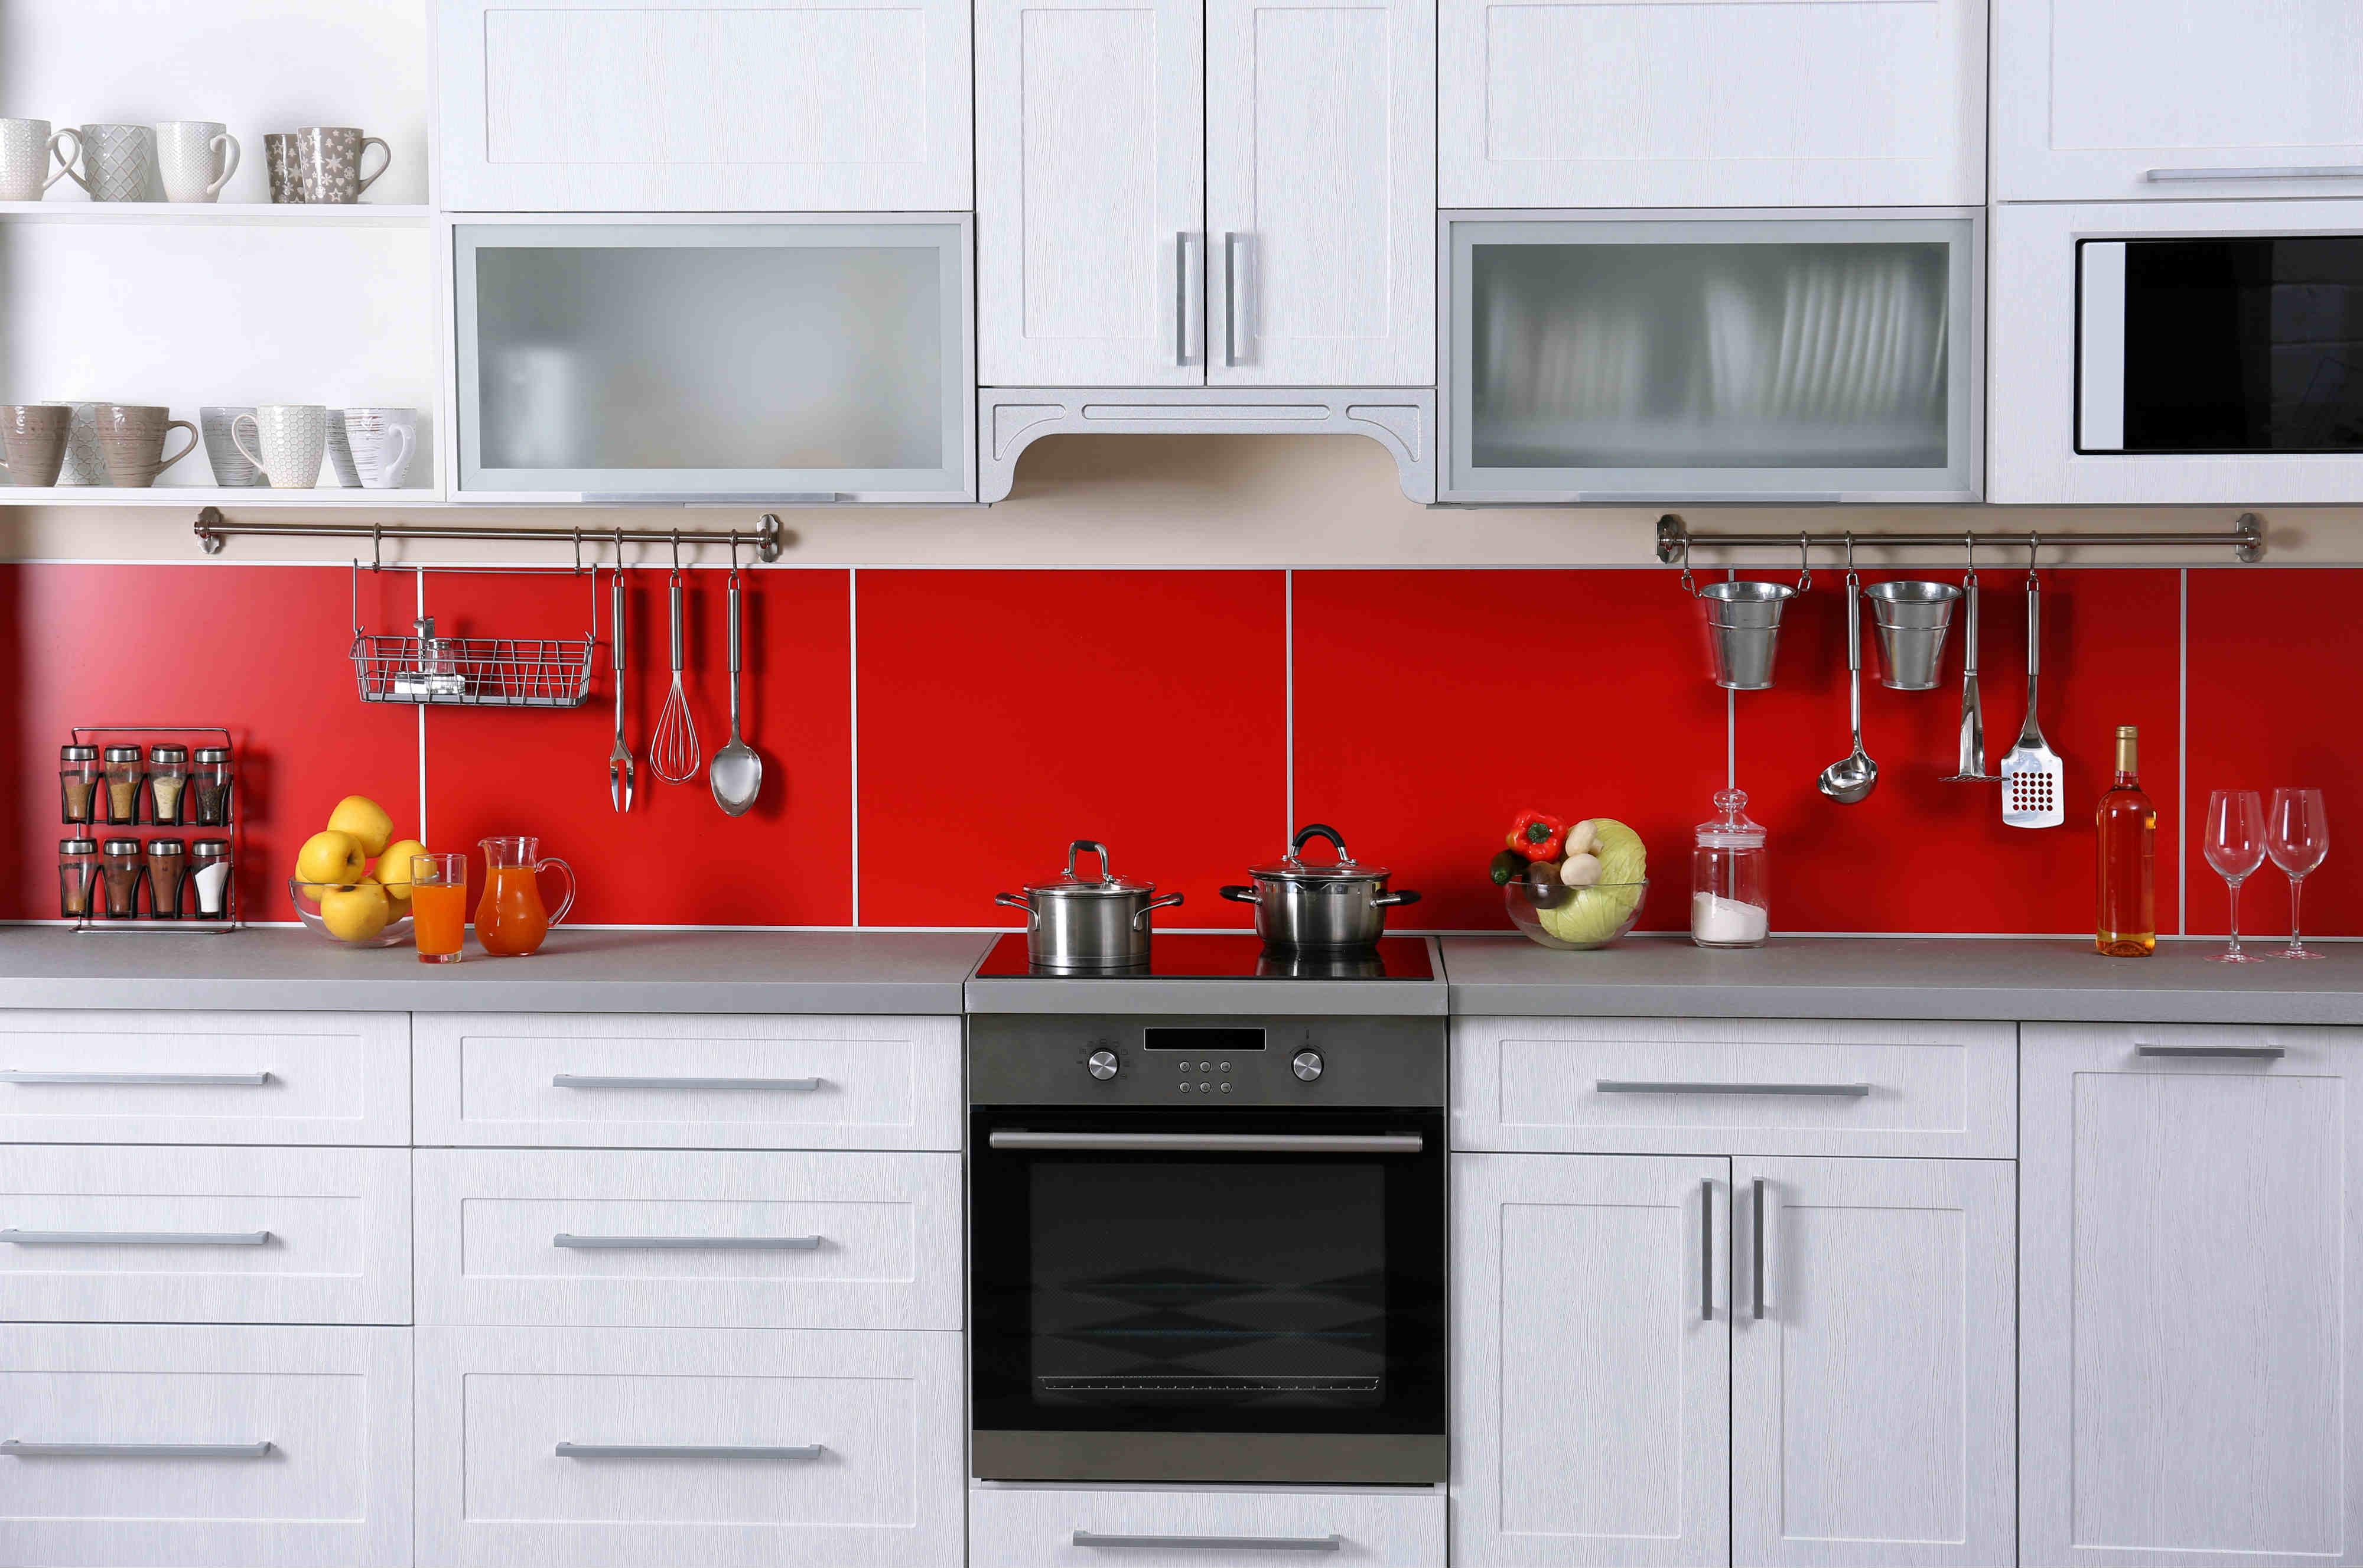 Como Montar Uma Cozinha Planejada De Forma Simples E R Pida